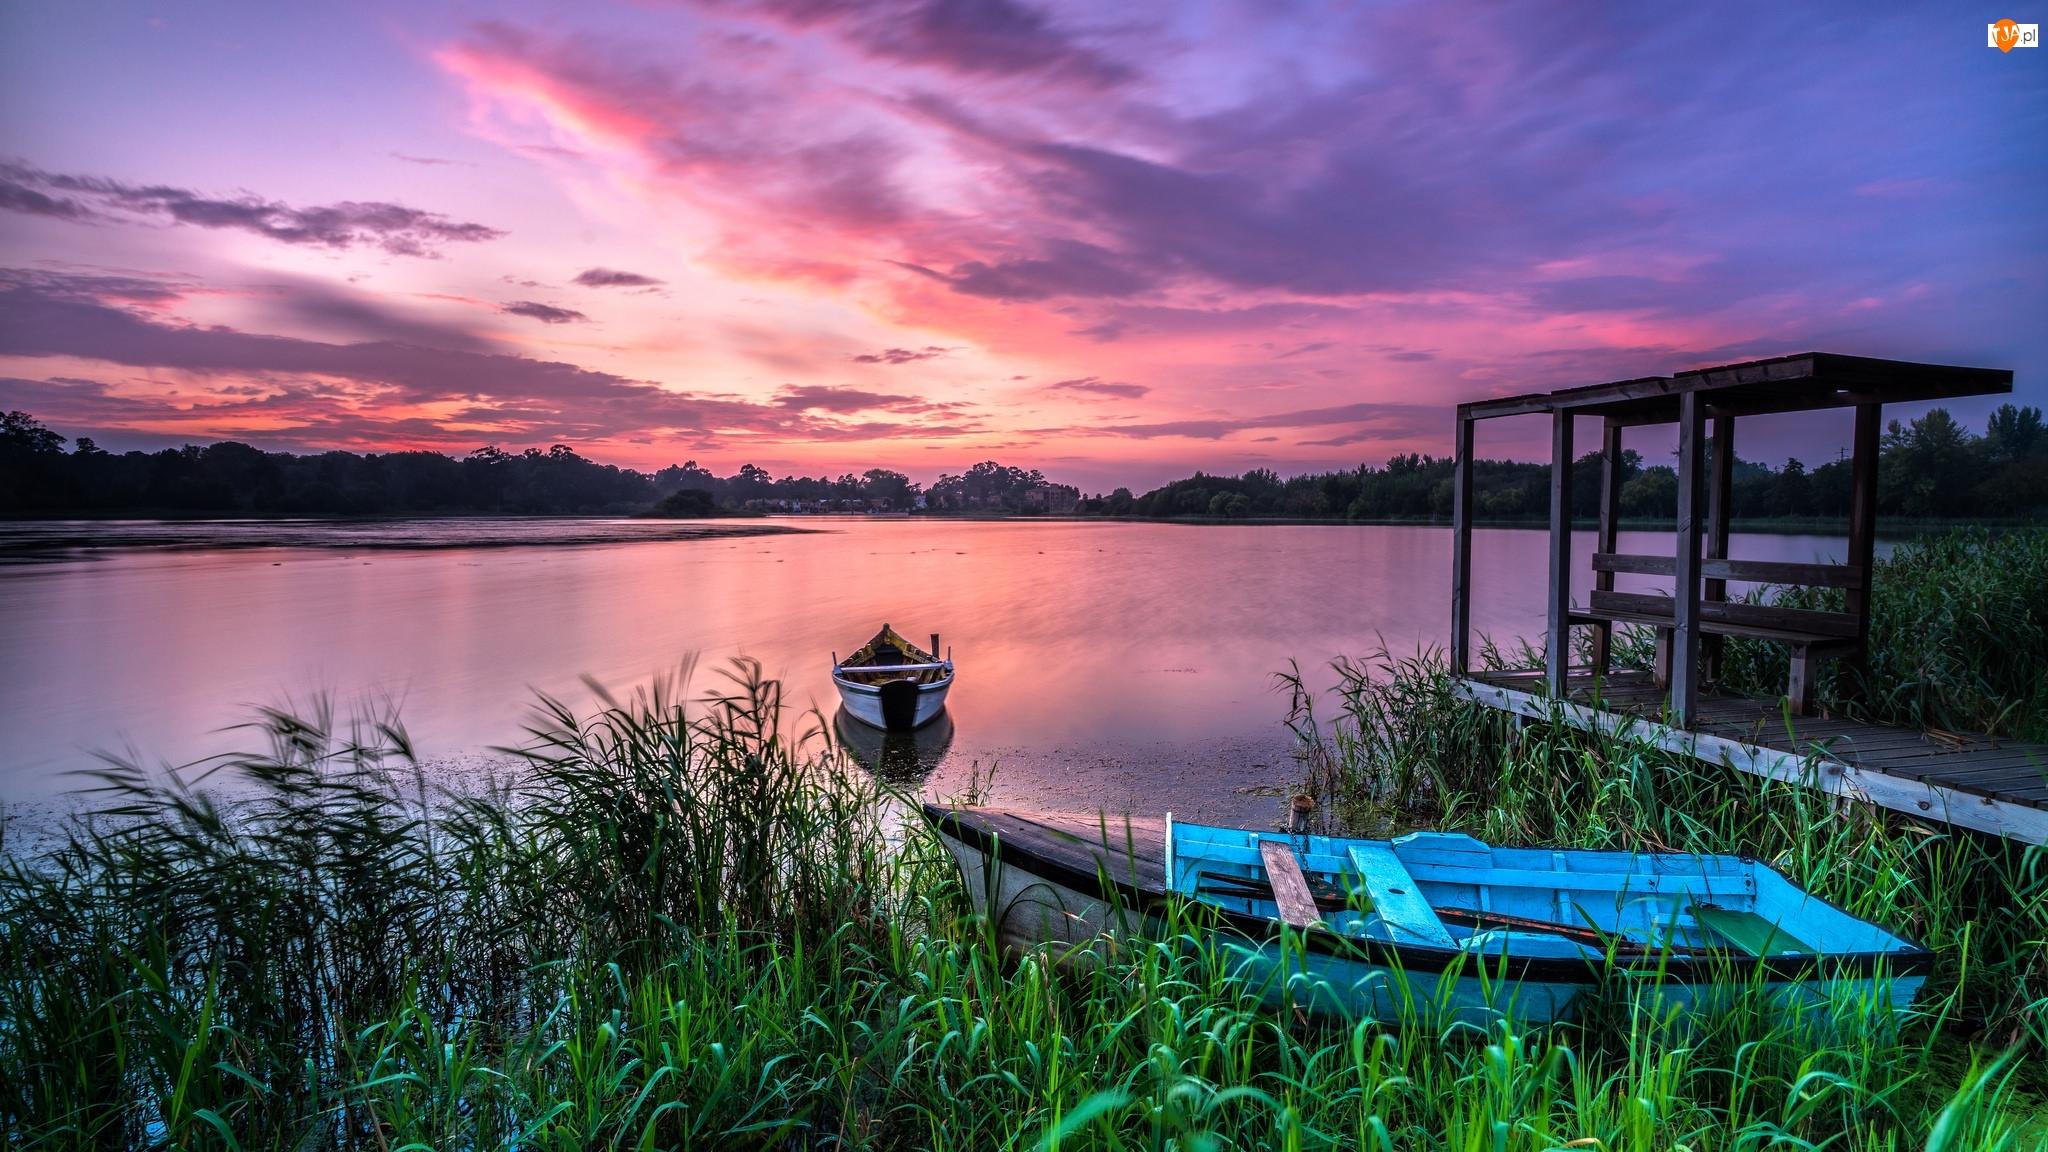 Łódki, Jezioro, Pomost, Chmury, Trawy, Zachód słońca